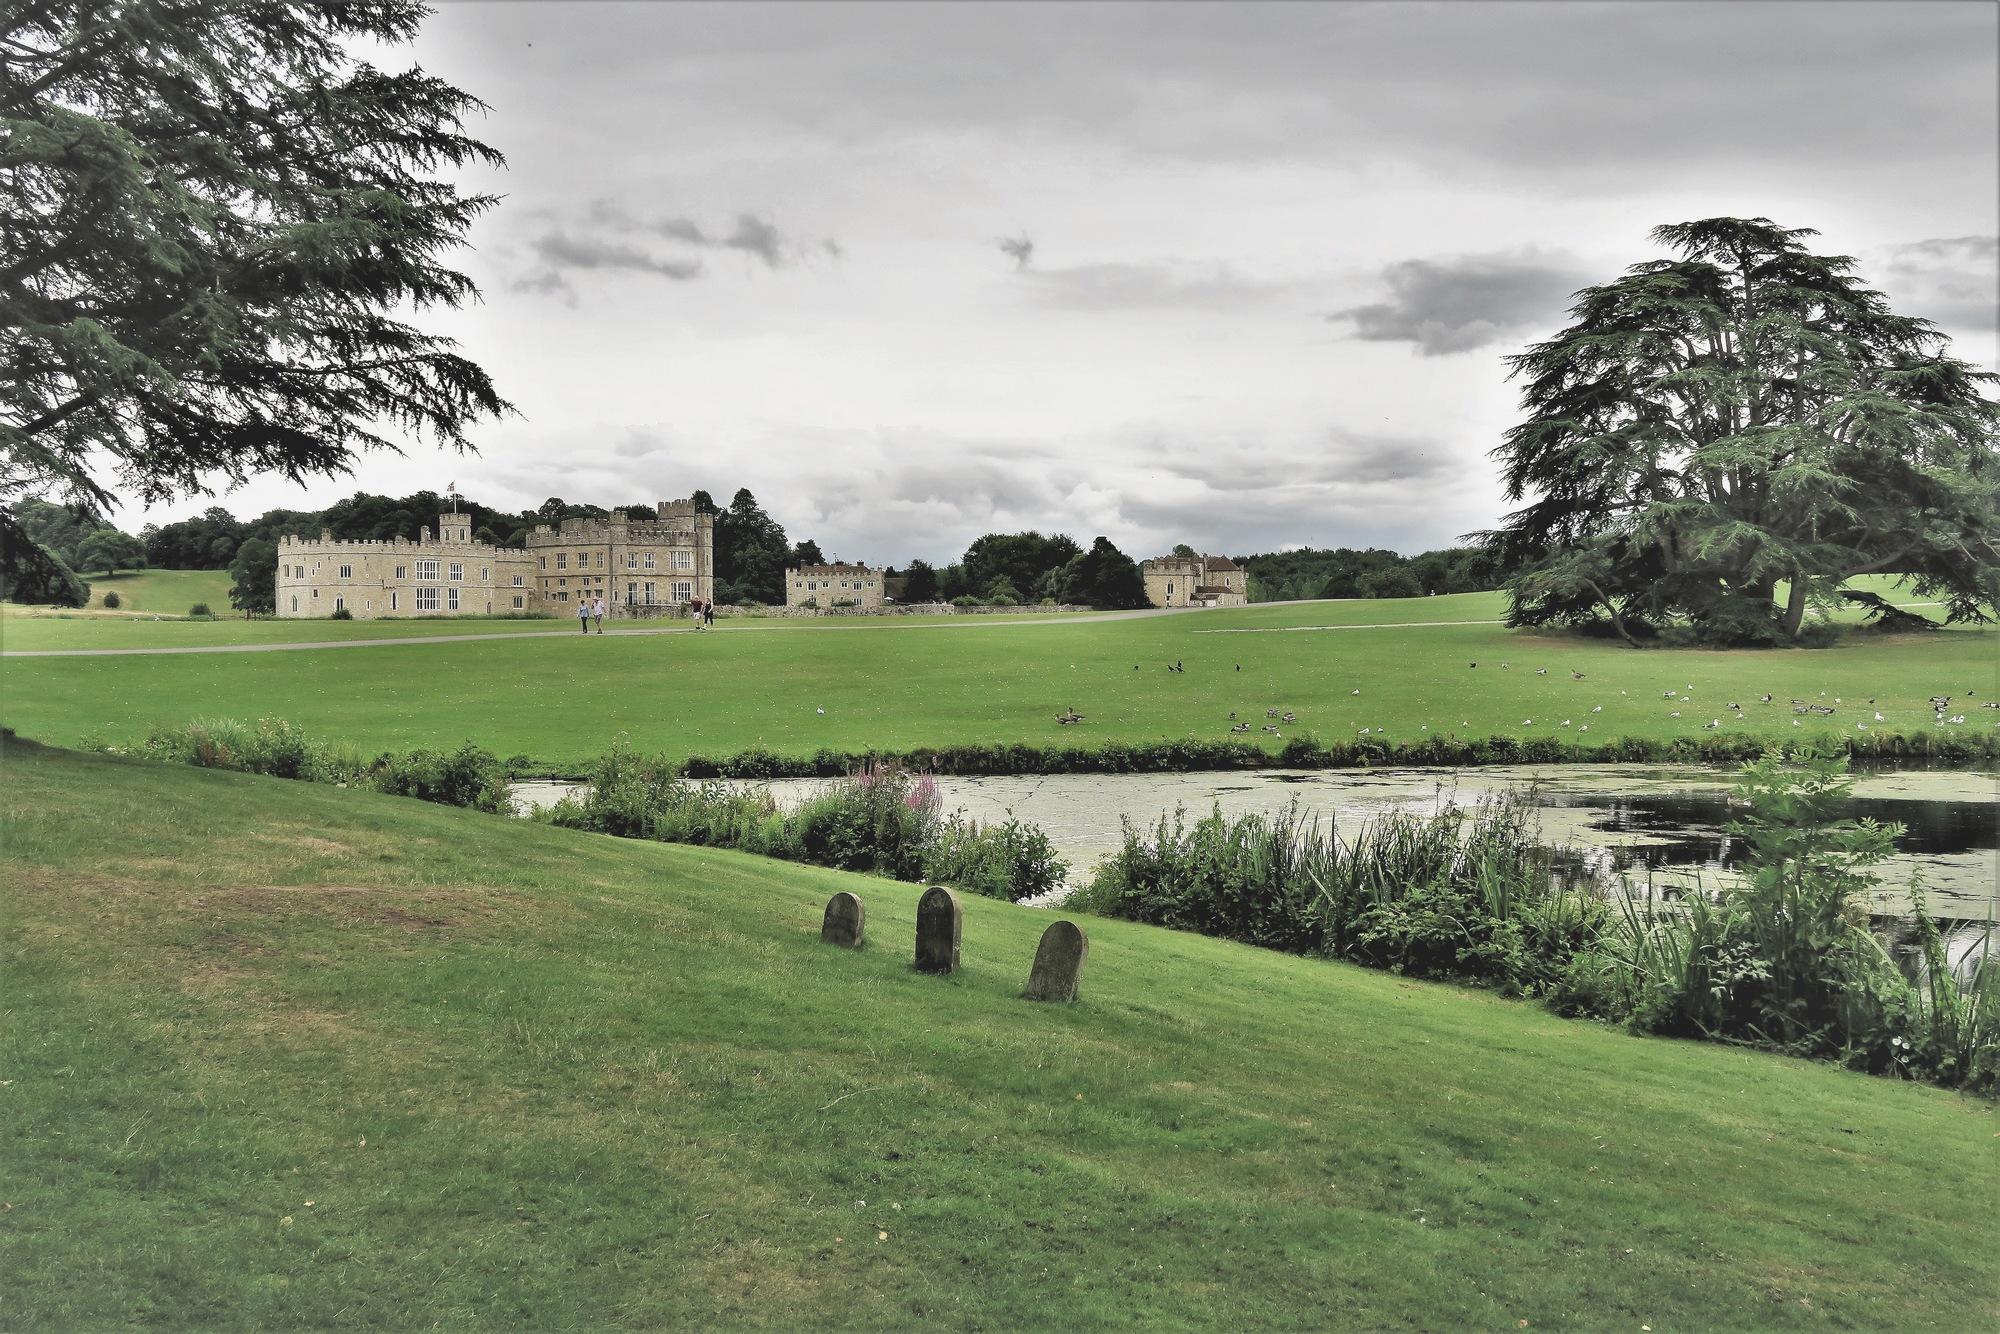 Le château de Leeds Castel vu depuis le parc